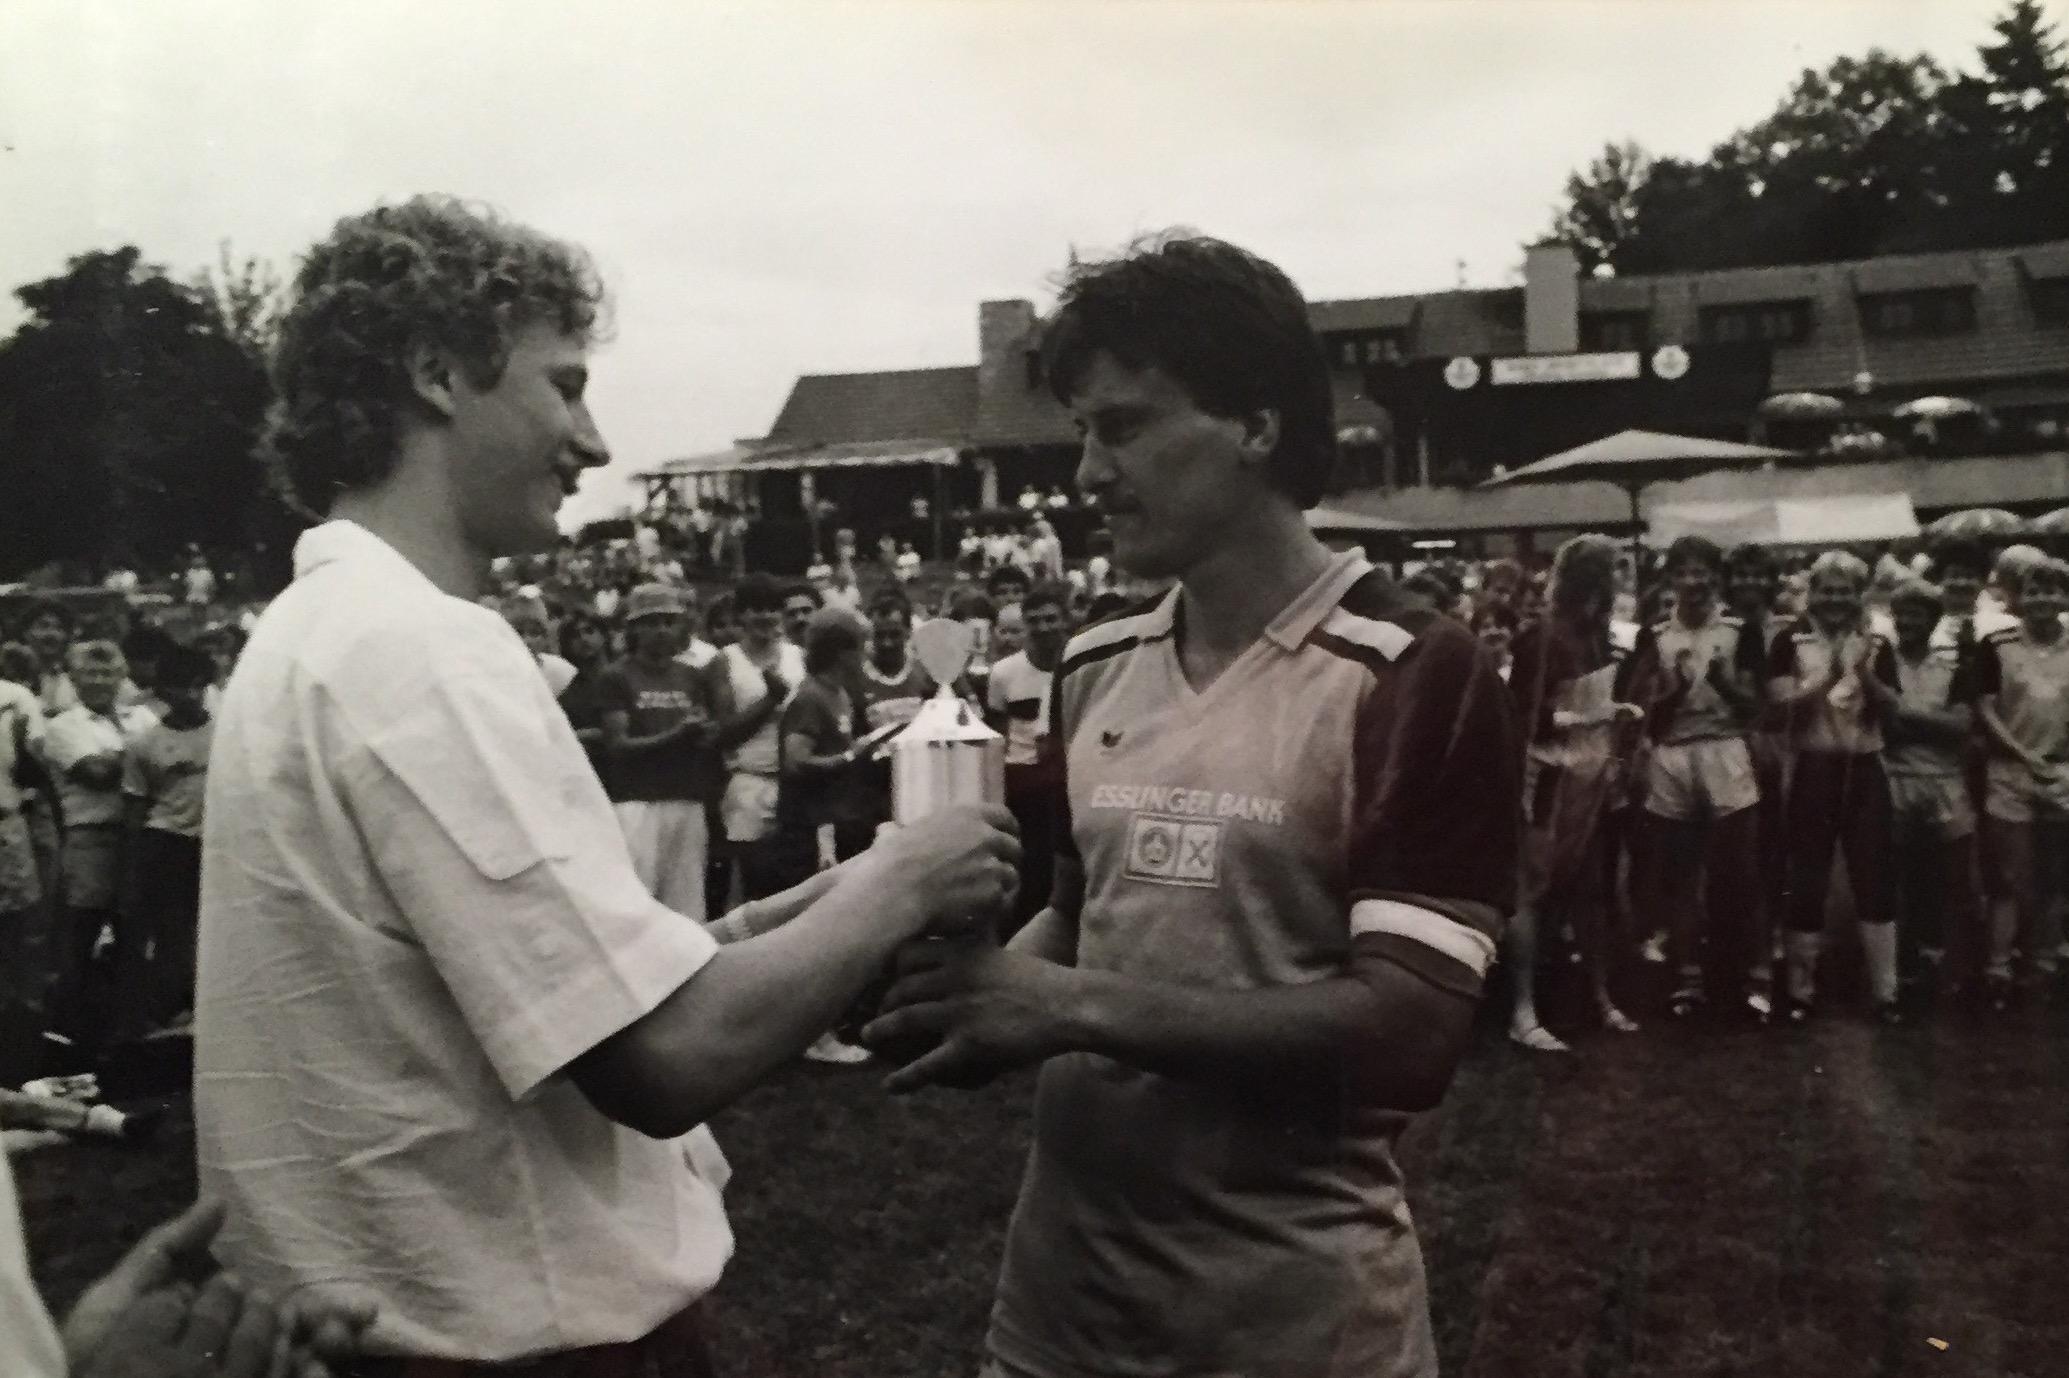 IMG_8192 11.09.1986 Guido Buchwald Werner Luik EZ Pokal 3.Platz